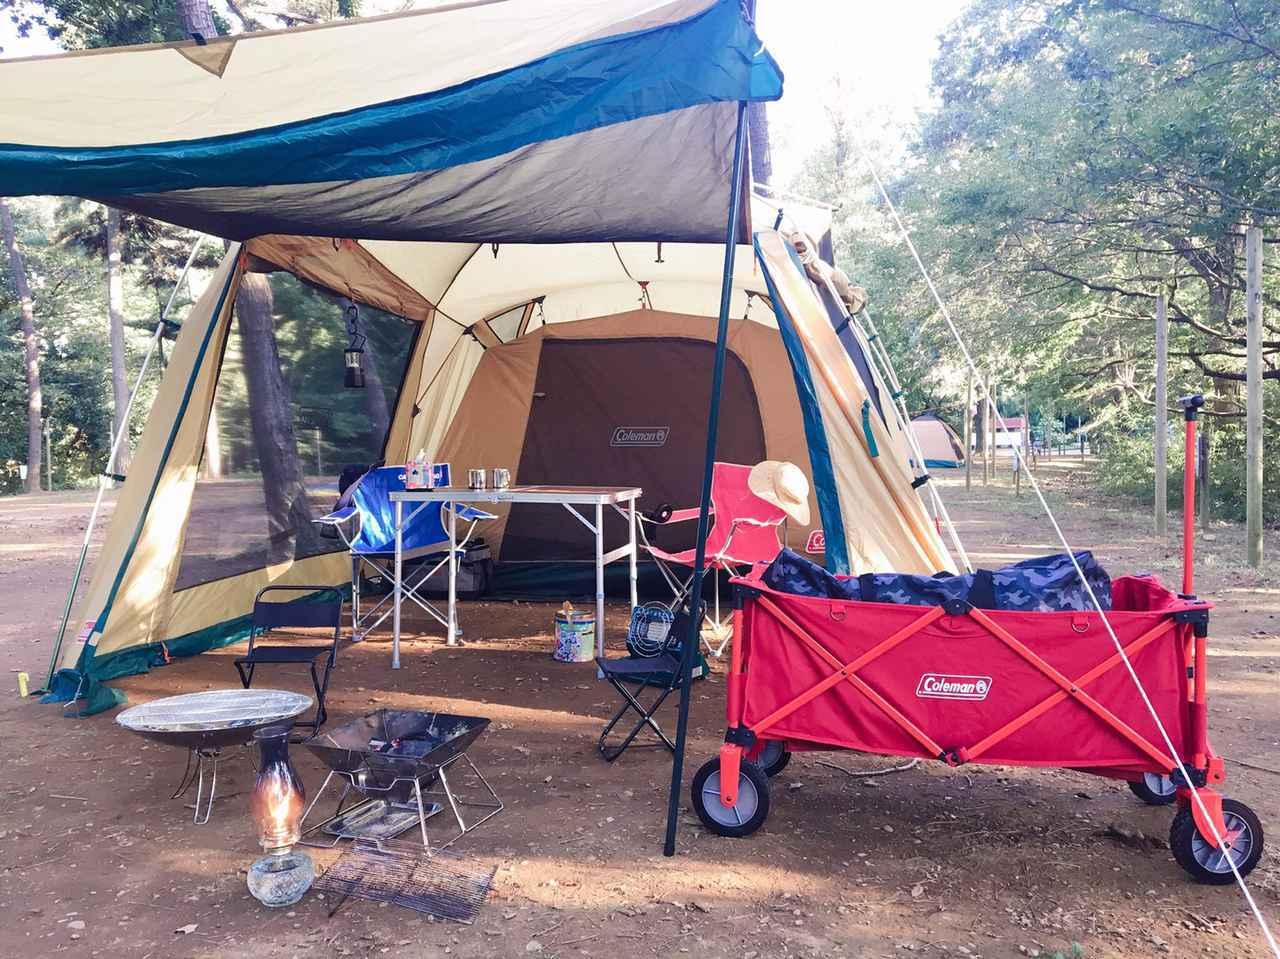 画像: 【商品レビュー】コールマンのアウトドアワゴンはキャンプでも日常でも大活躍アイテム - ハピキャン キャンプ・アウトドア情報メディア